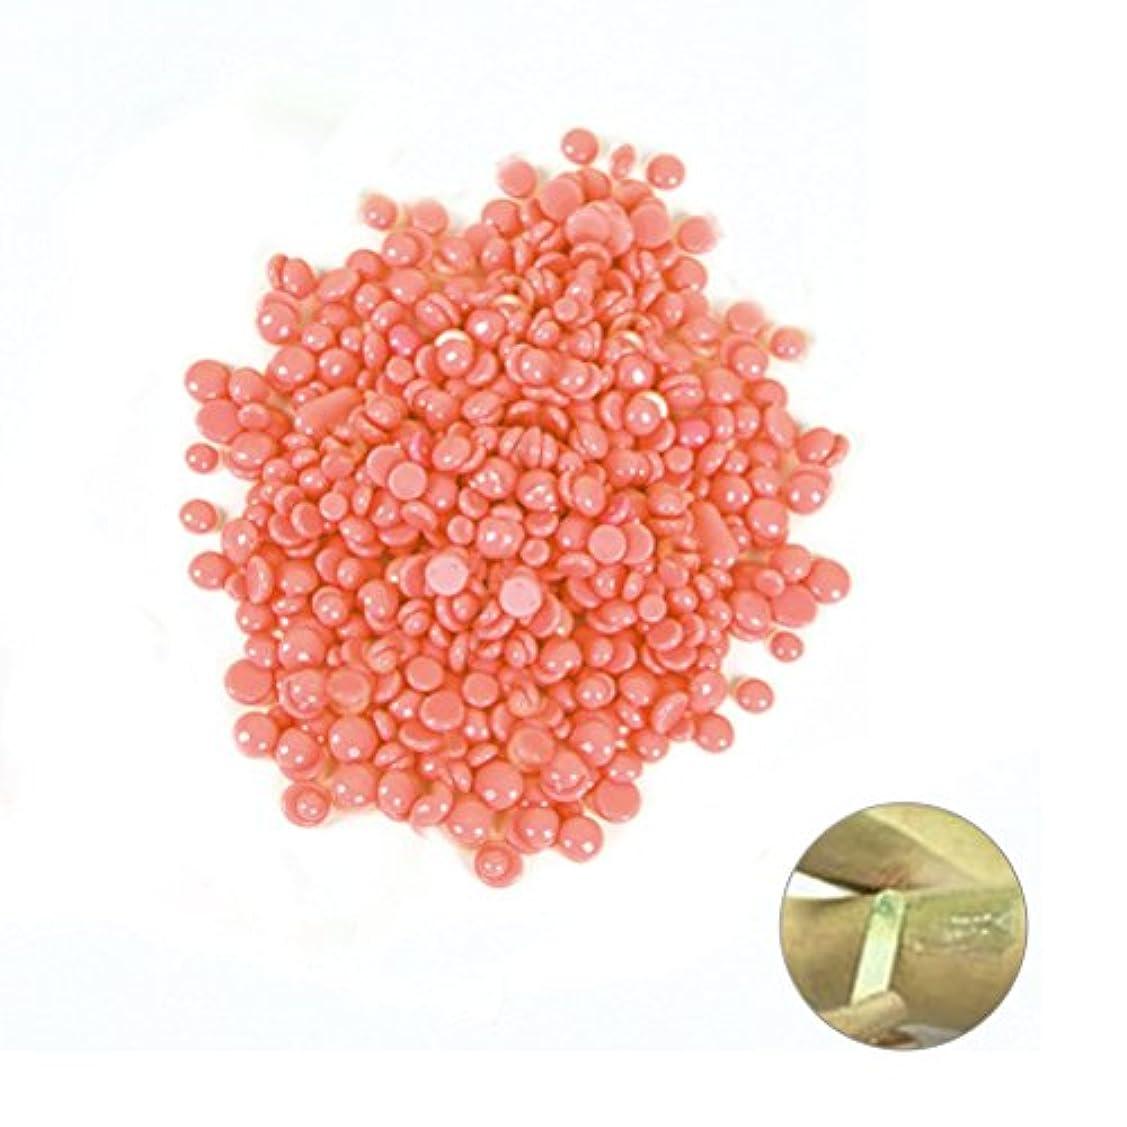 気配りのある期間シェトランド諸島ROSENICE 苦い脱毛脱毛剤パールハードワックスビーズ100g(ピンク)